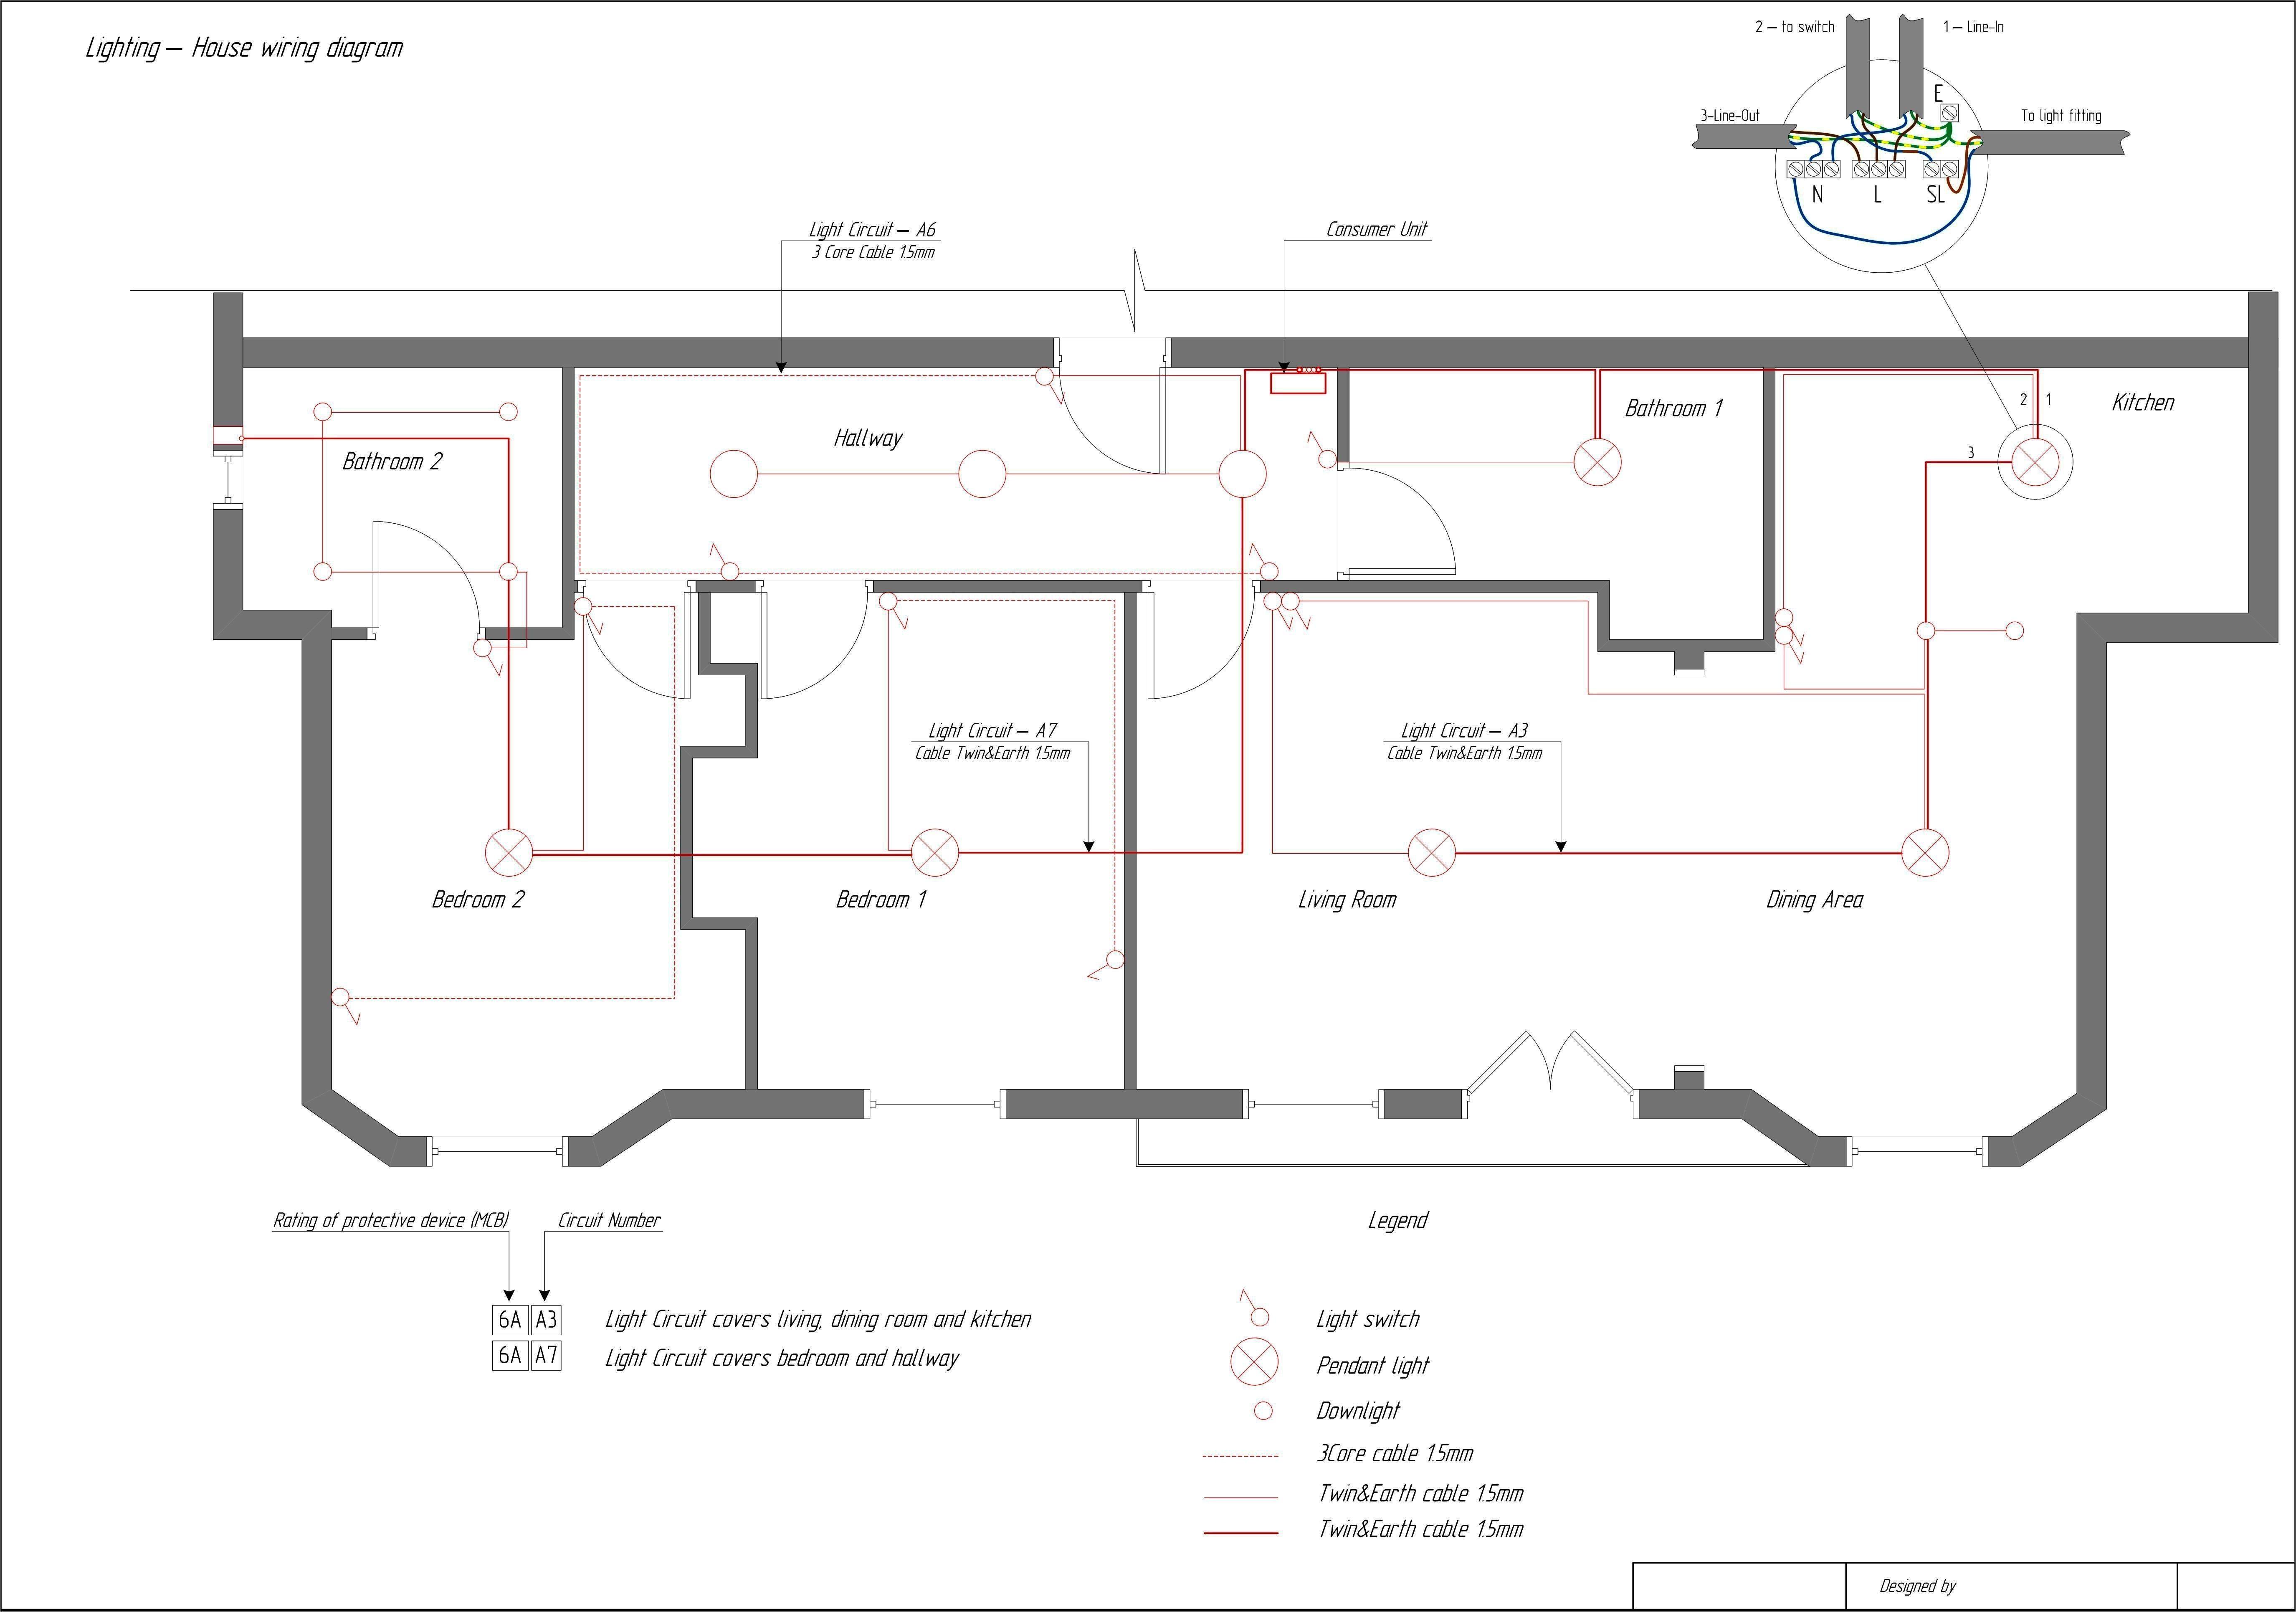 mega 2 wiring diagram blog wiring diagram astra mega 2 wiring diagram mega 2 wiring diagram